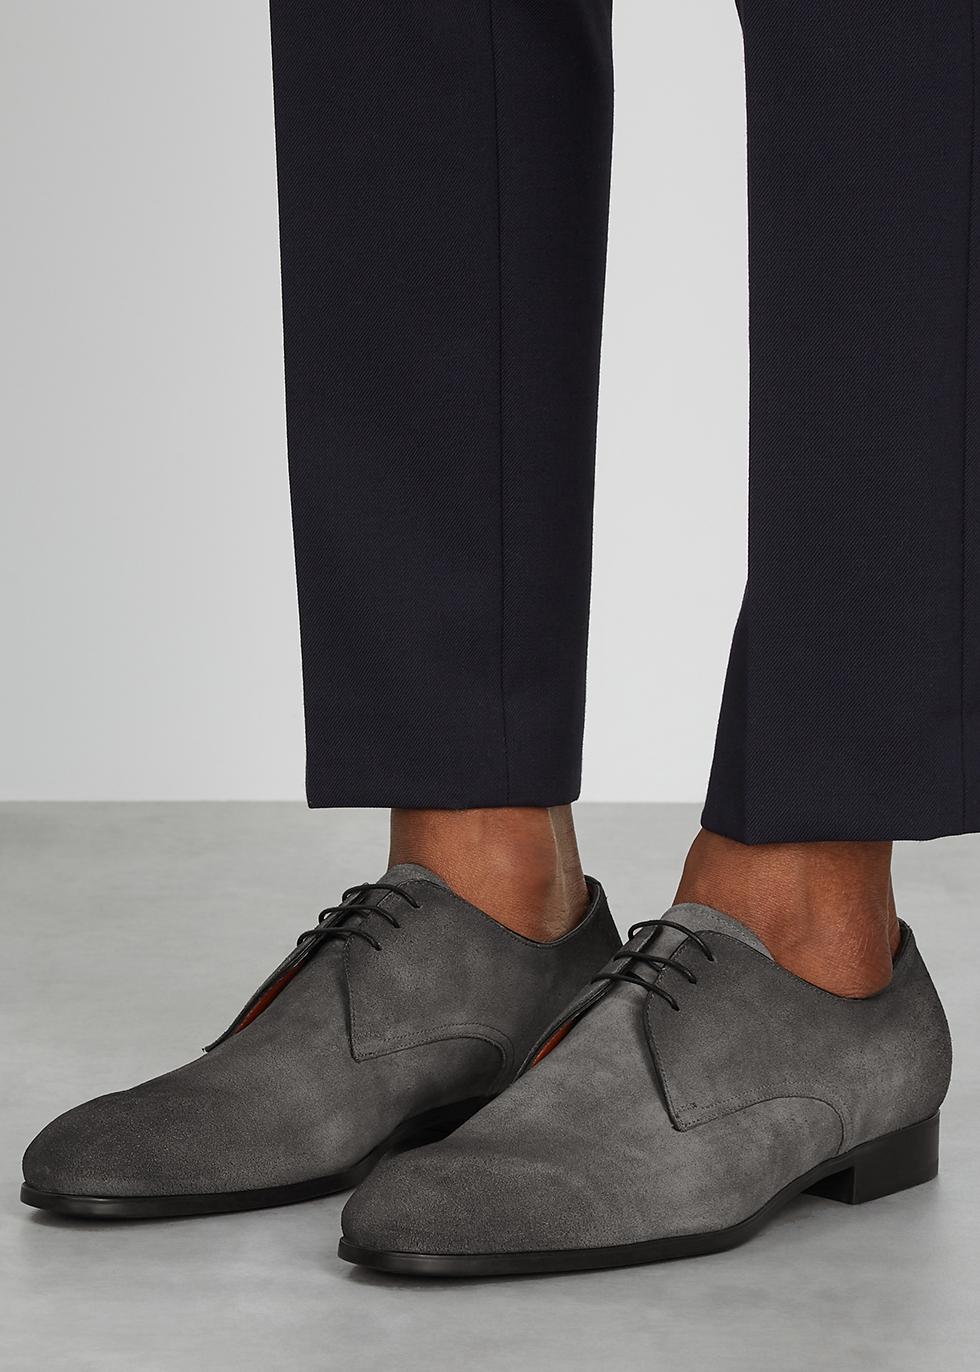 Santoni Simon grey suede Derby shoes